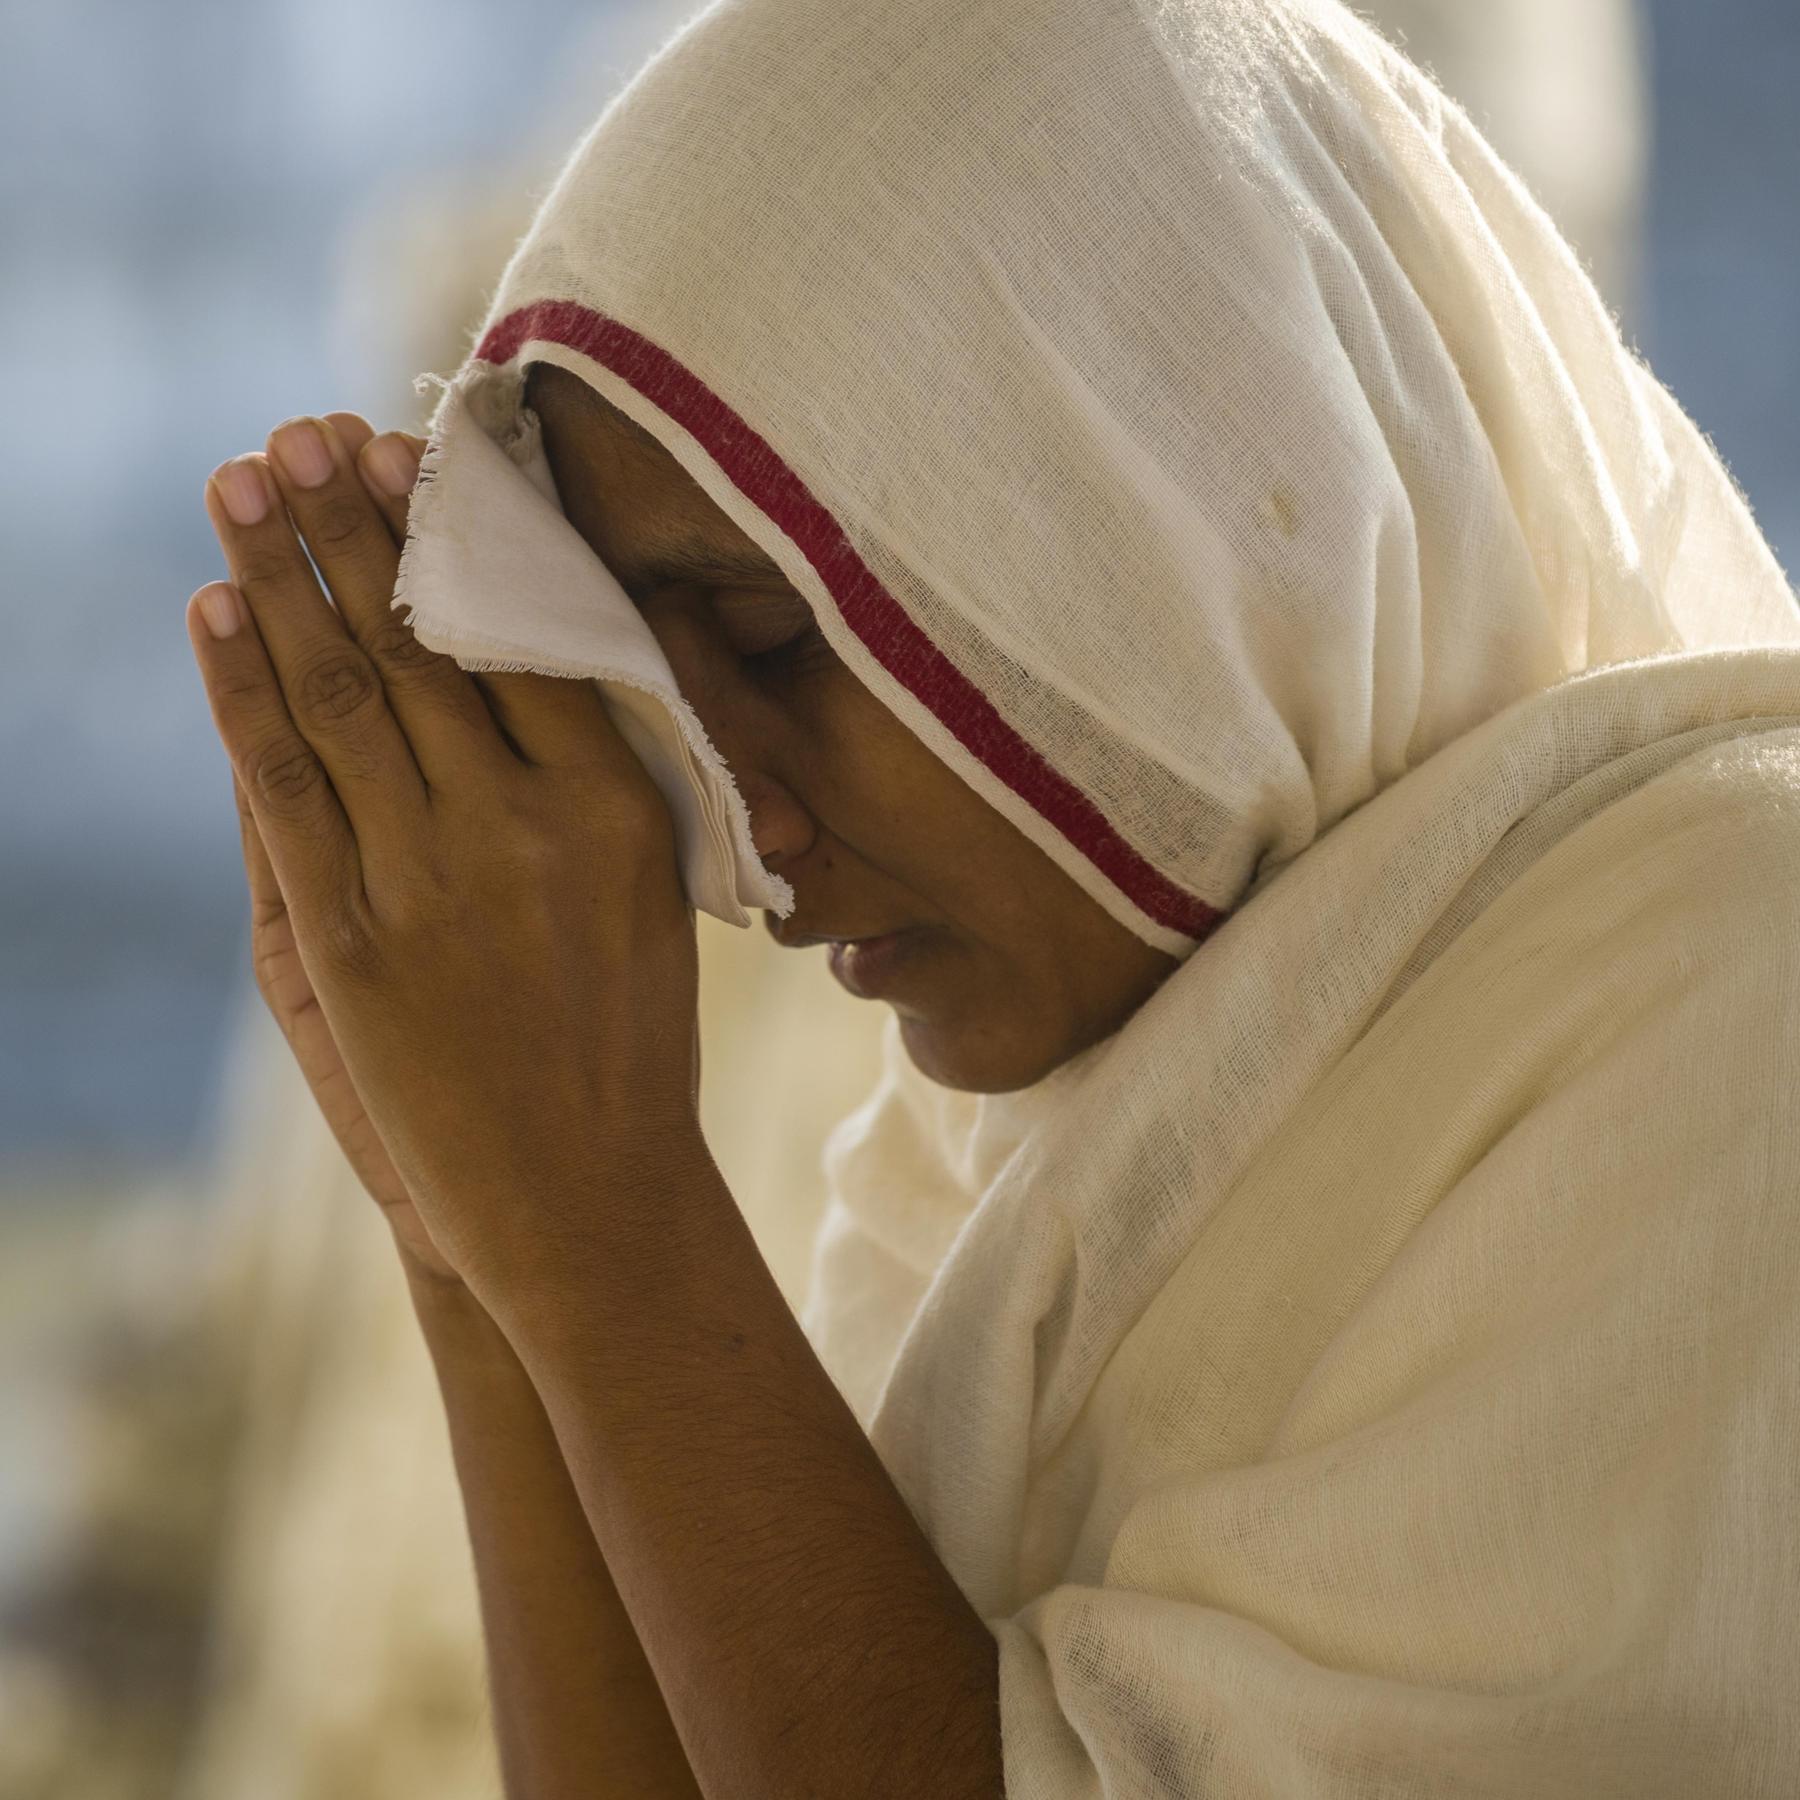 Jainismus - Die Religion ohne Gewalt